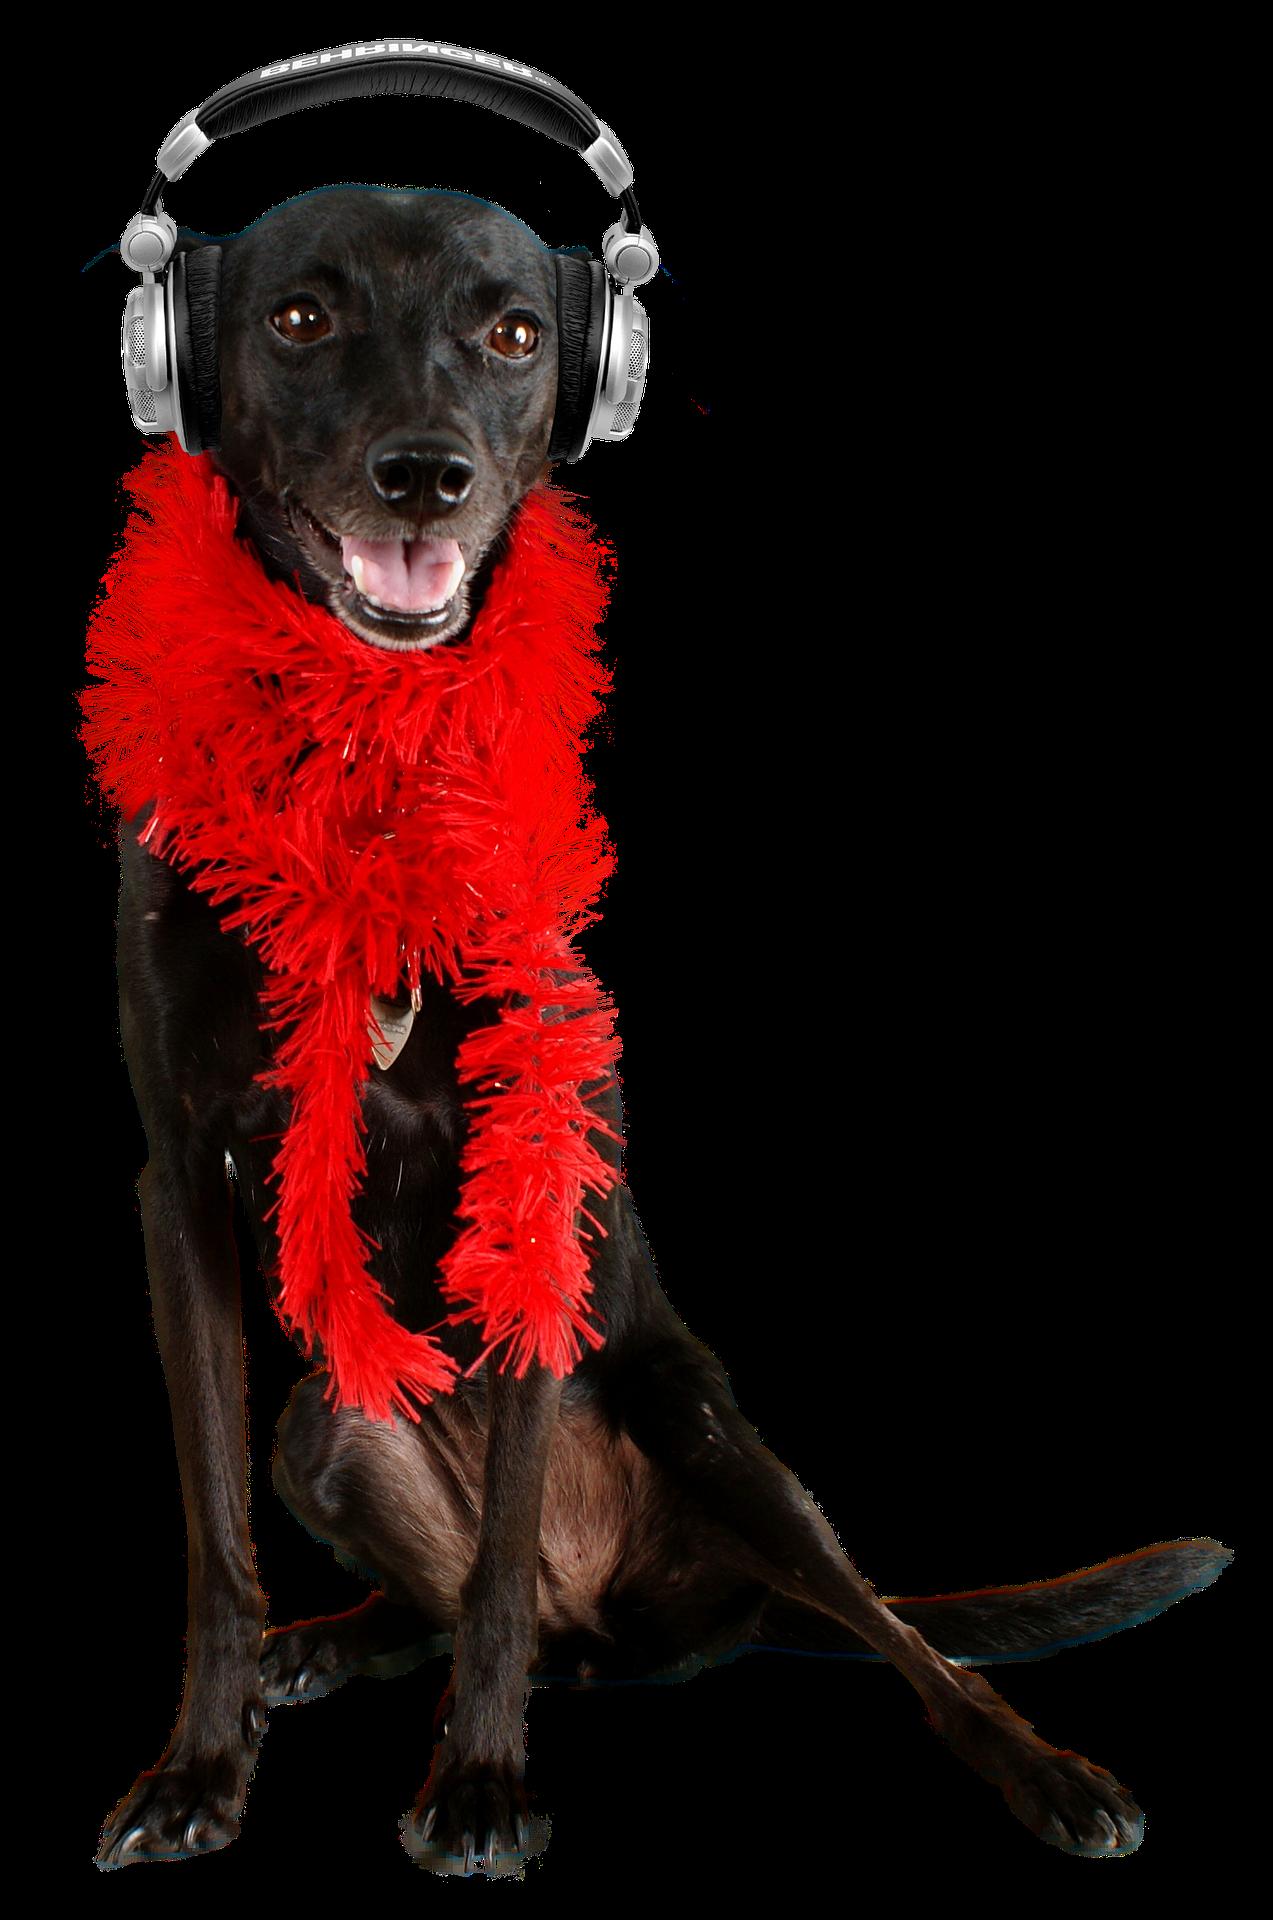 cão - fogos fone de ouvido - Foto Pixabay